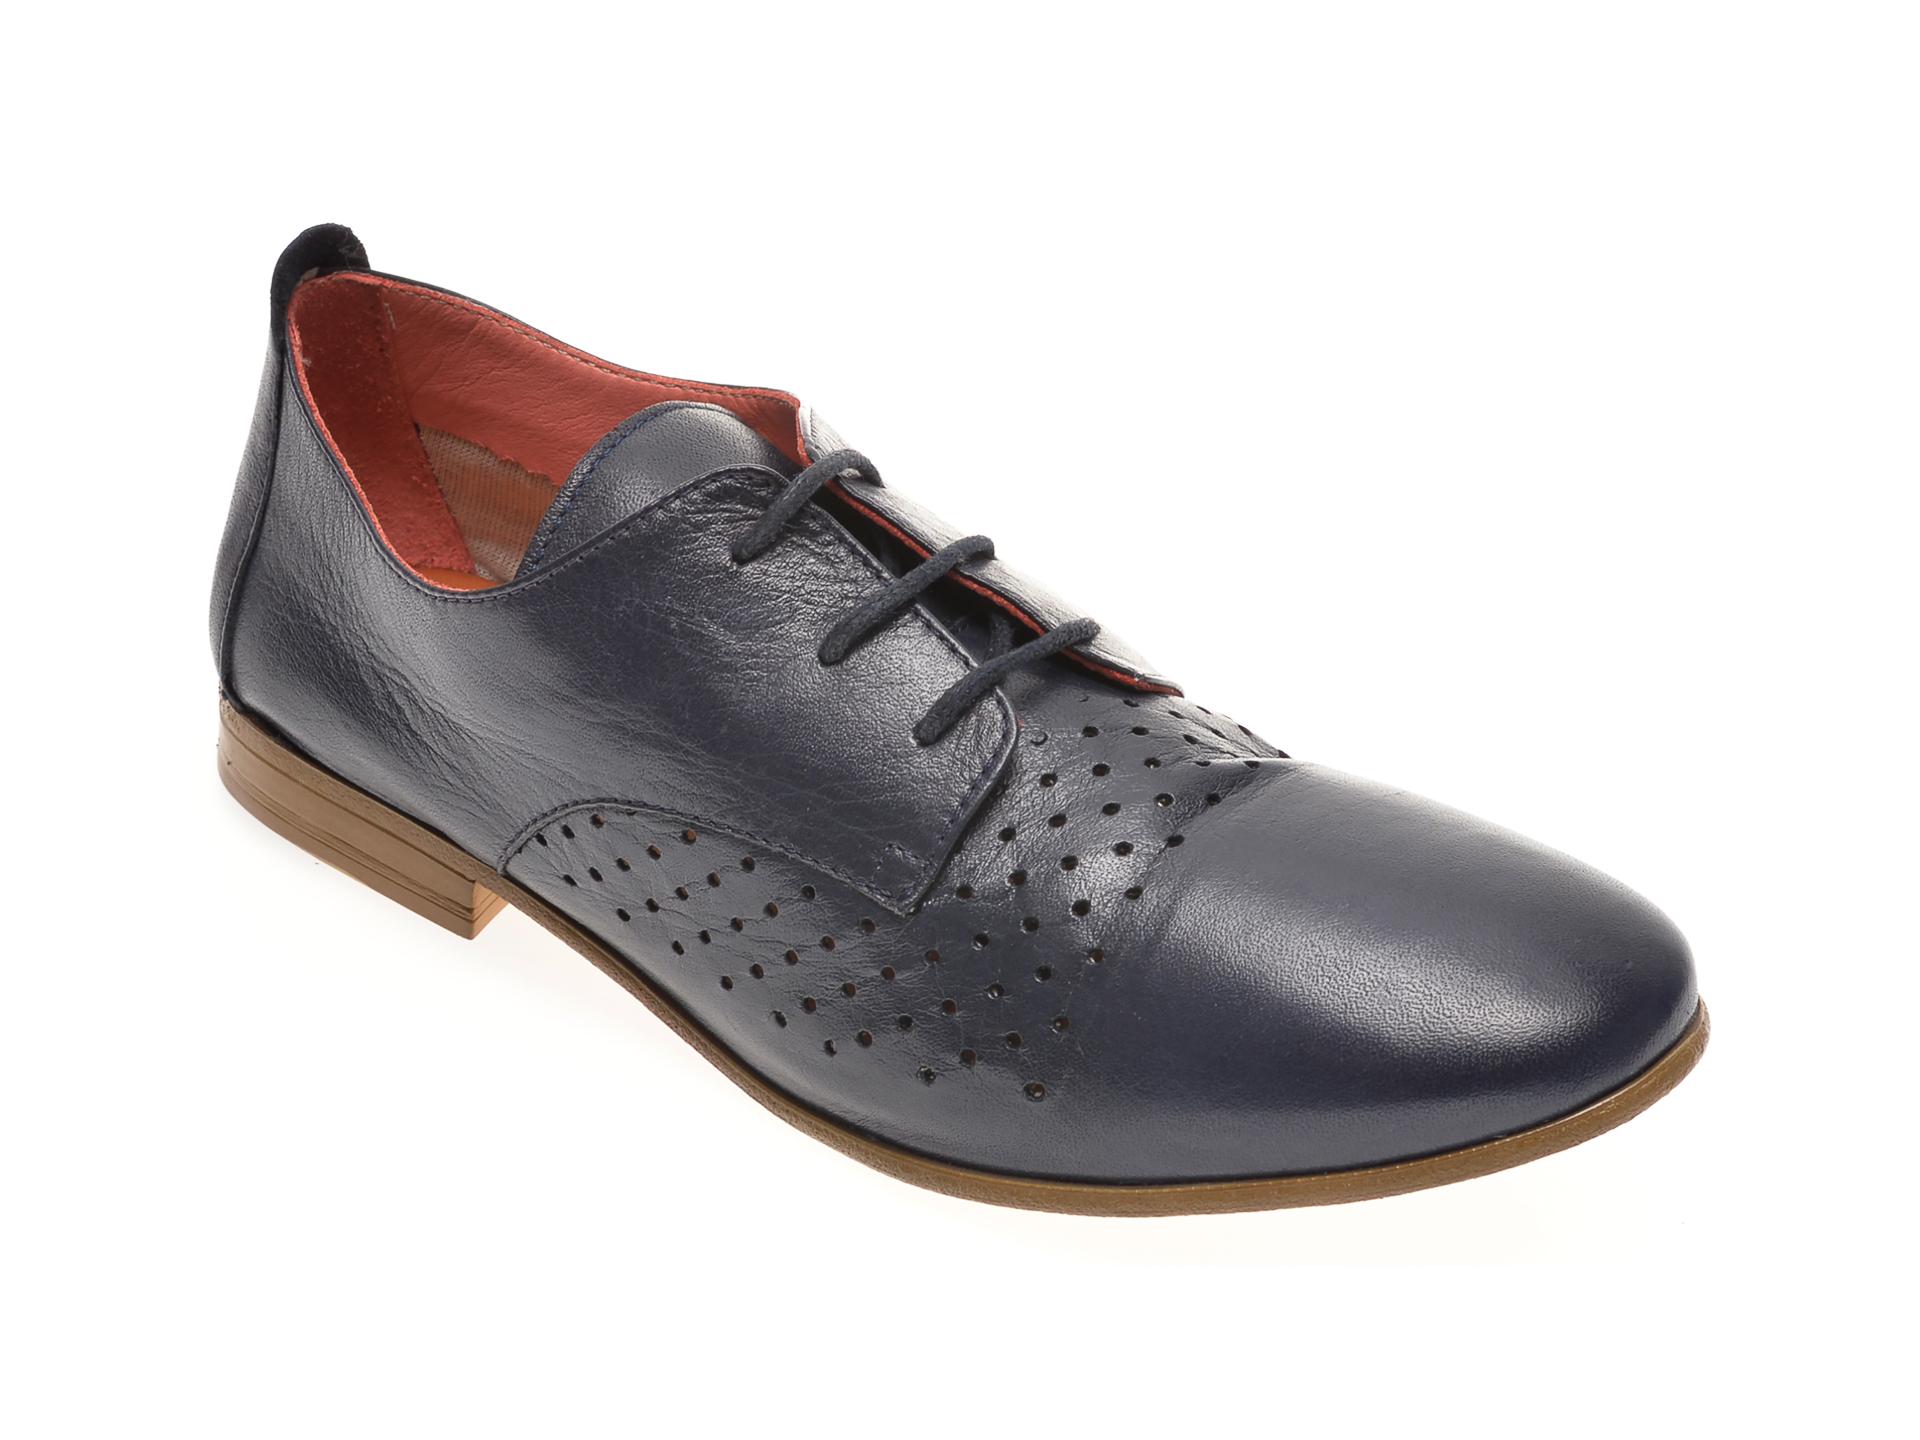 Pantofi BABOOS bleumarin, 1106, din piele naturala